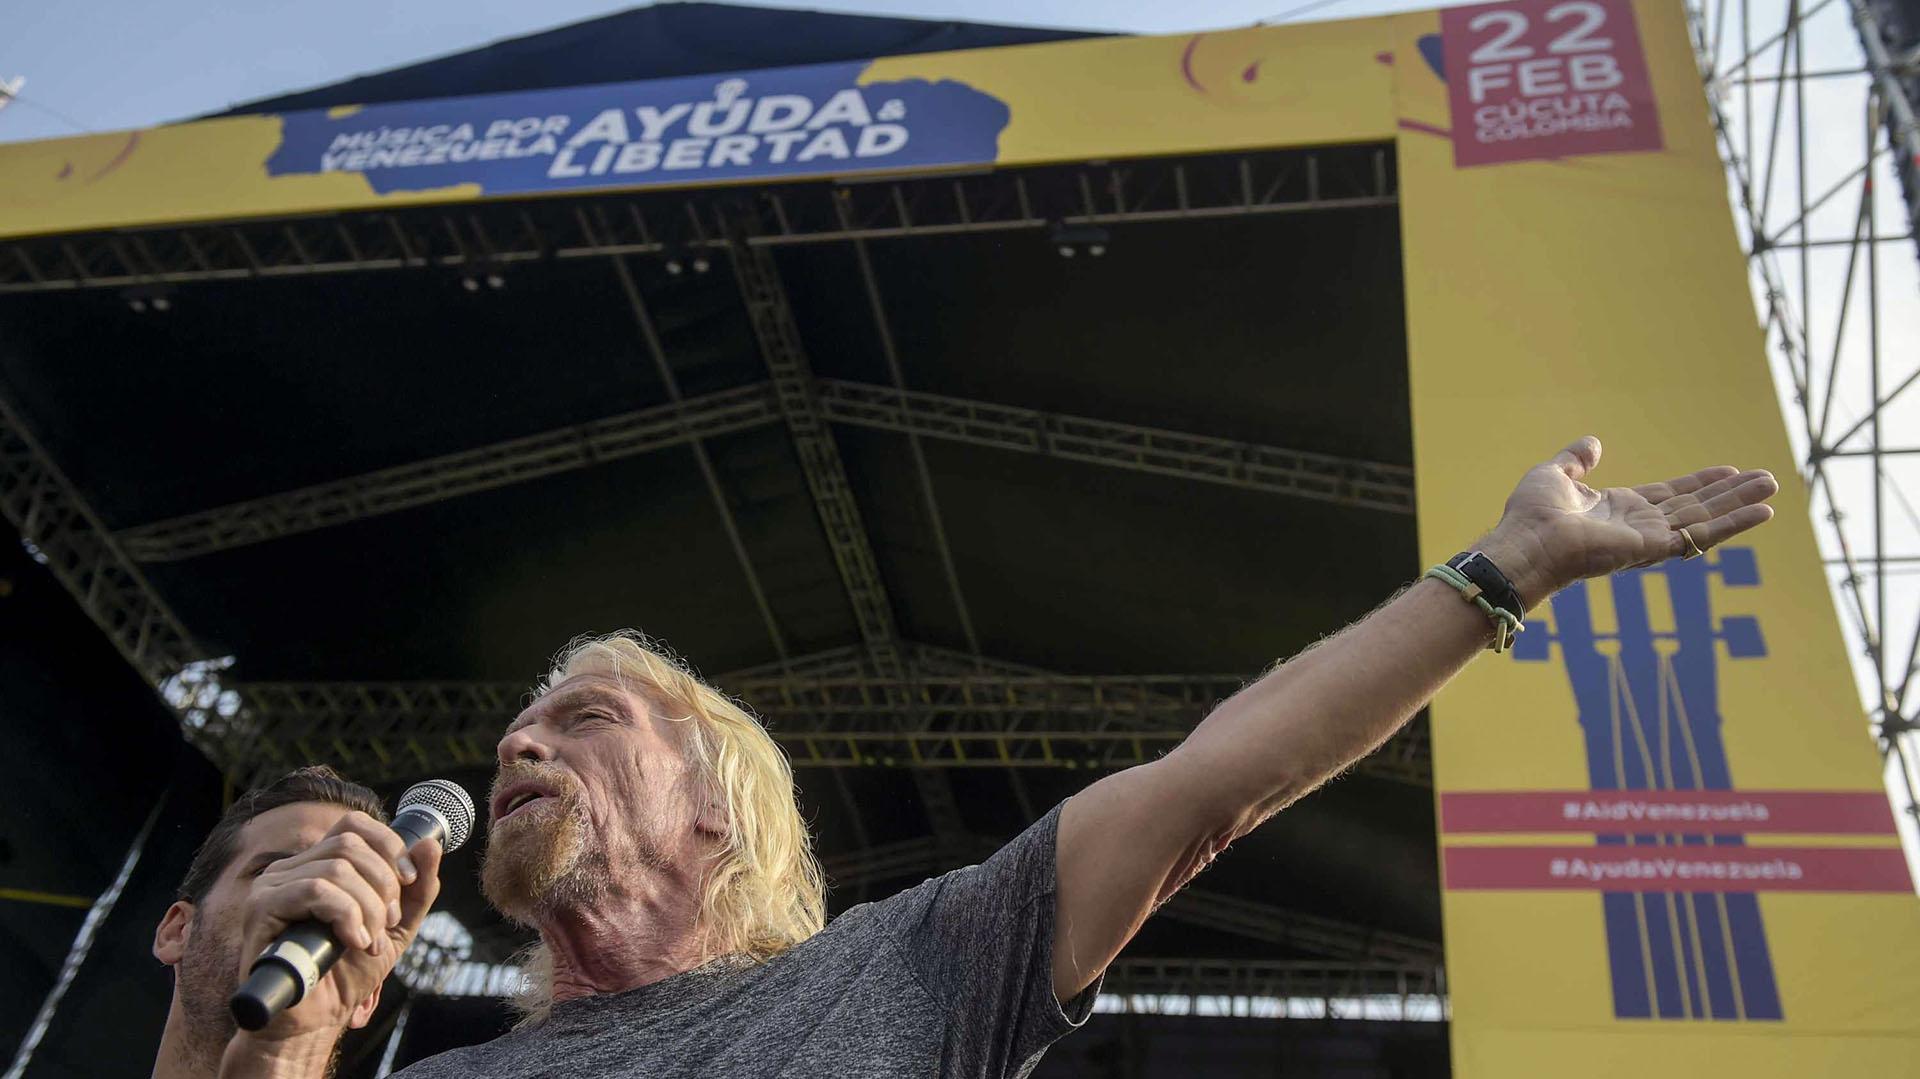 """El multimillonario británico Richard Branson habla durante el concierto """"Venezuela Aid Live"""" que organizó para recaudar fondos para Venezuela en el Puente Internacional Tienditas en Cúcuta, Colombia, el 22 de febrero de 2019. (AFP)"""